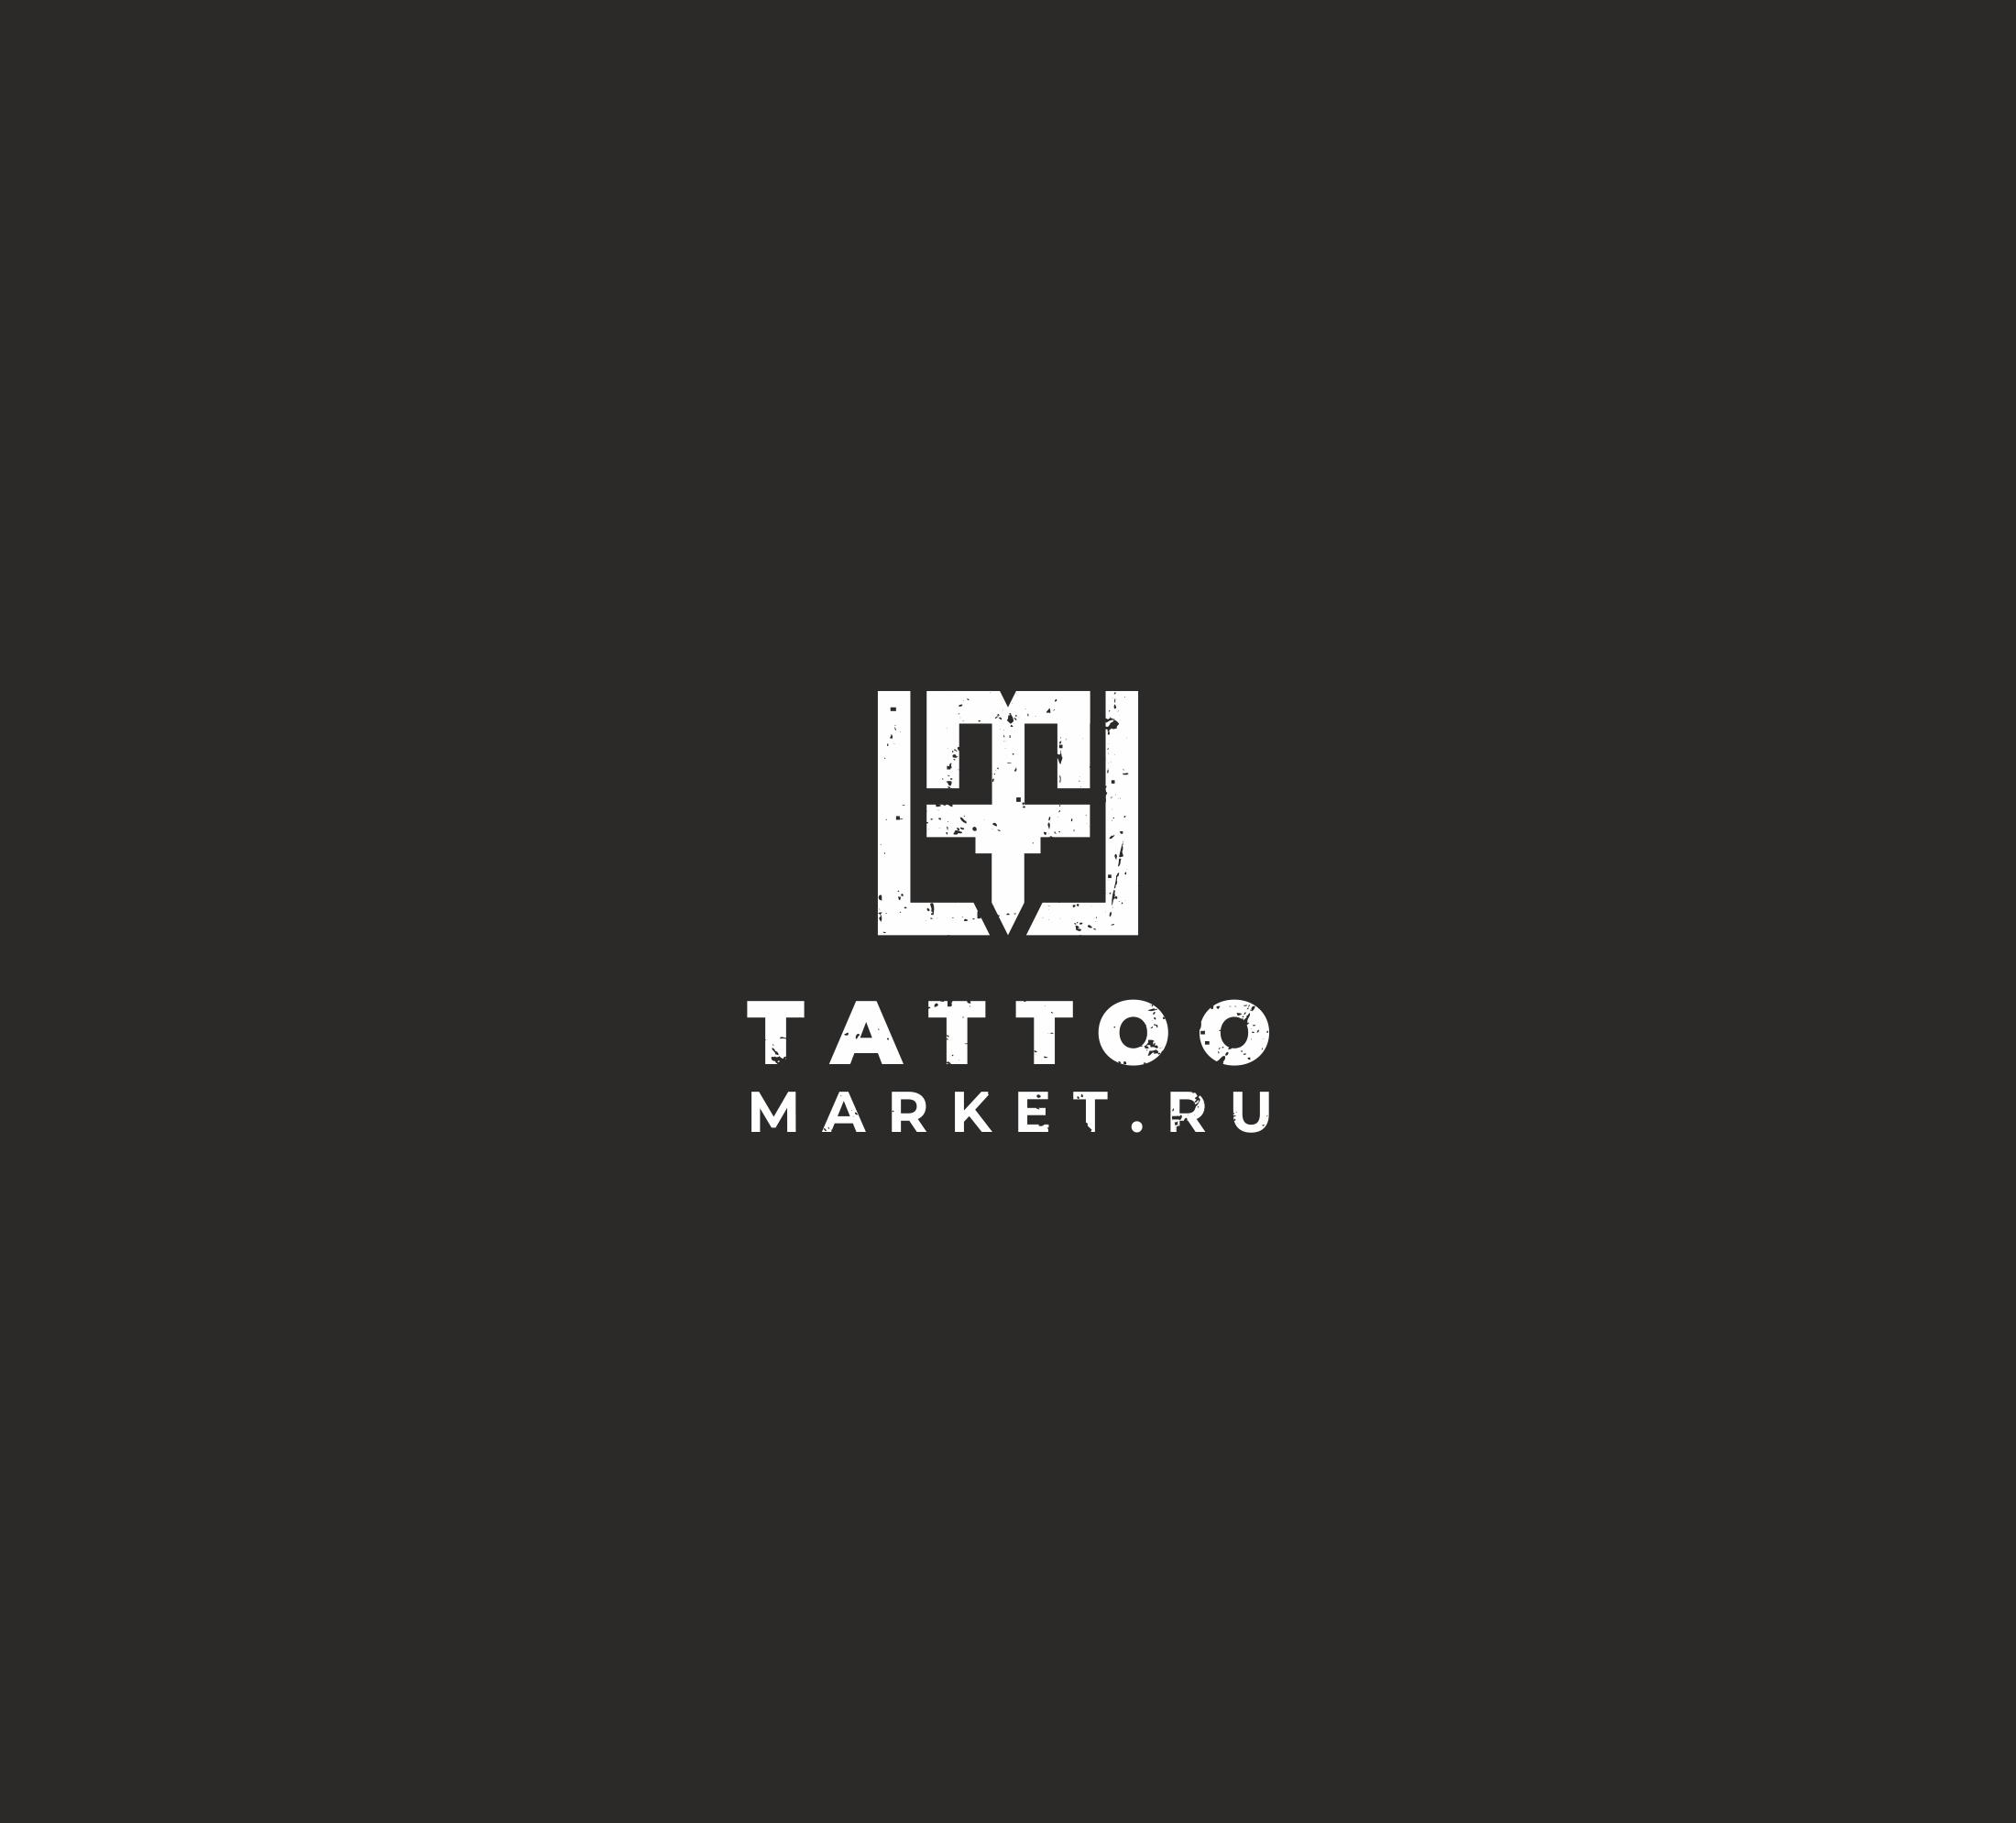 Редизайн логотипа магазина тату оборудования TattooMarket.ru фото f_1015c3c36e1e54ad.jpg